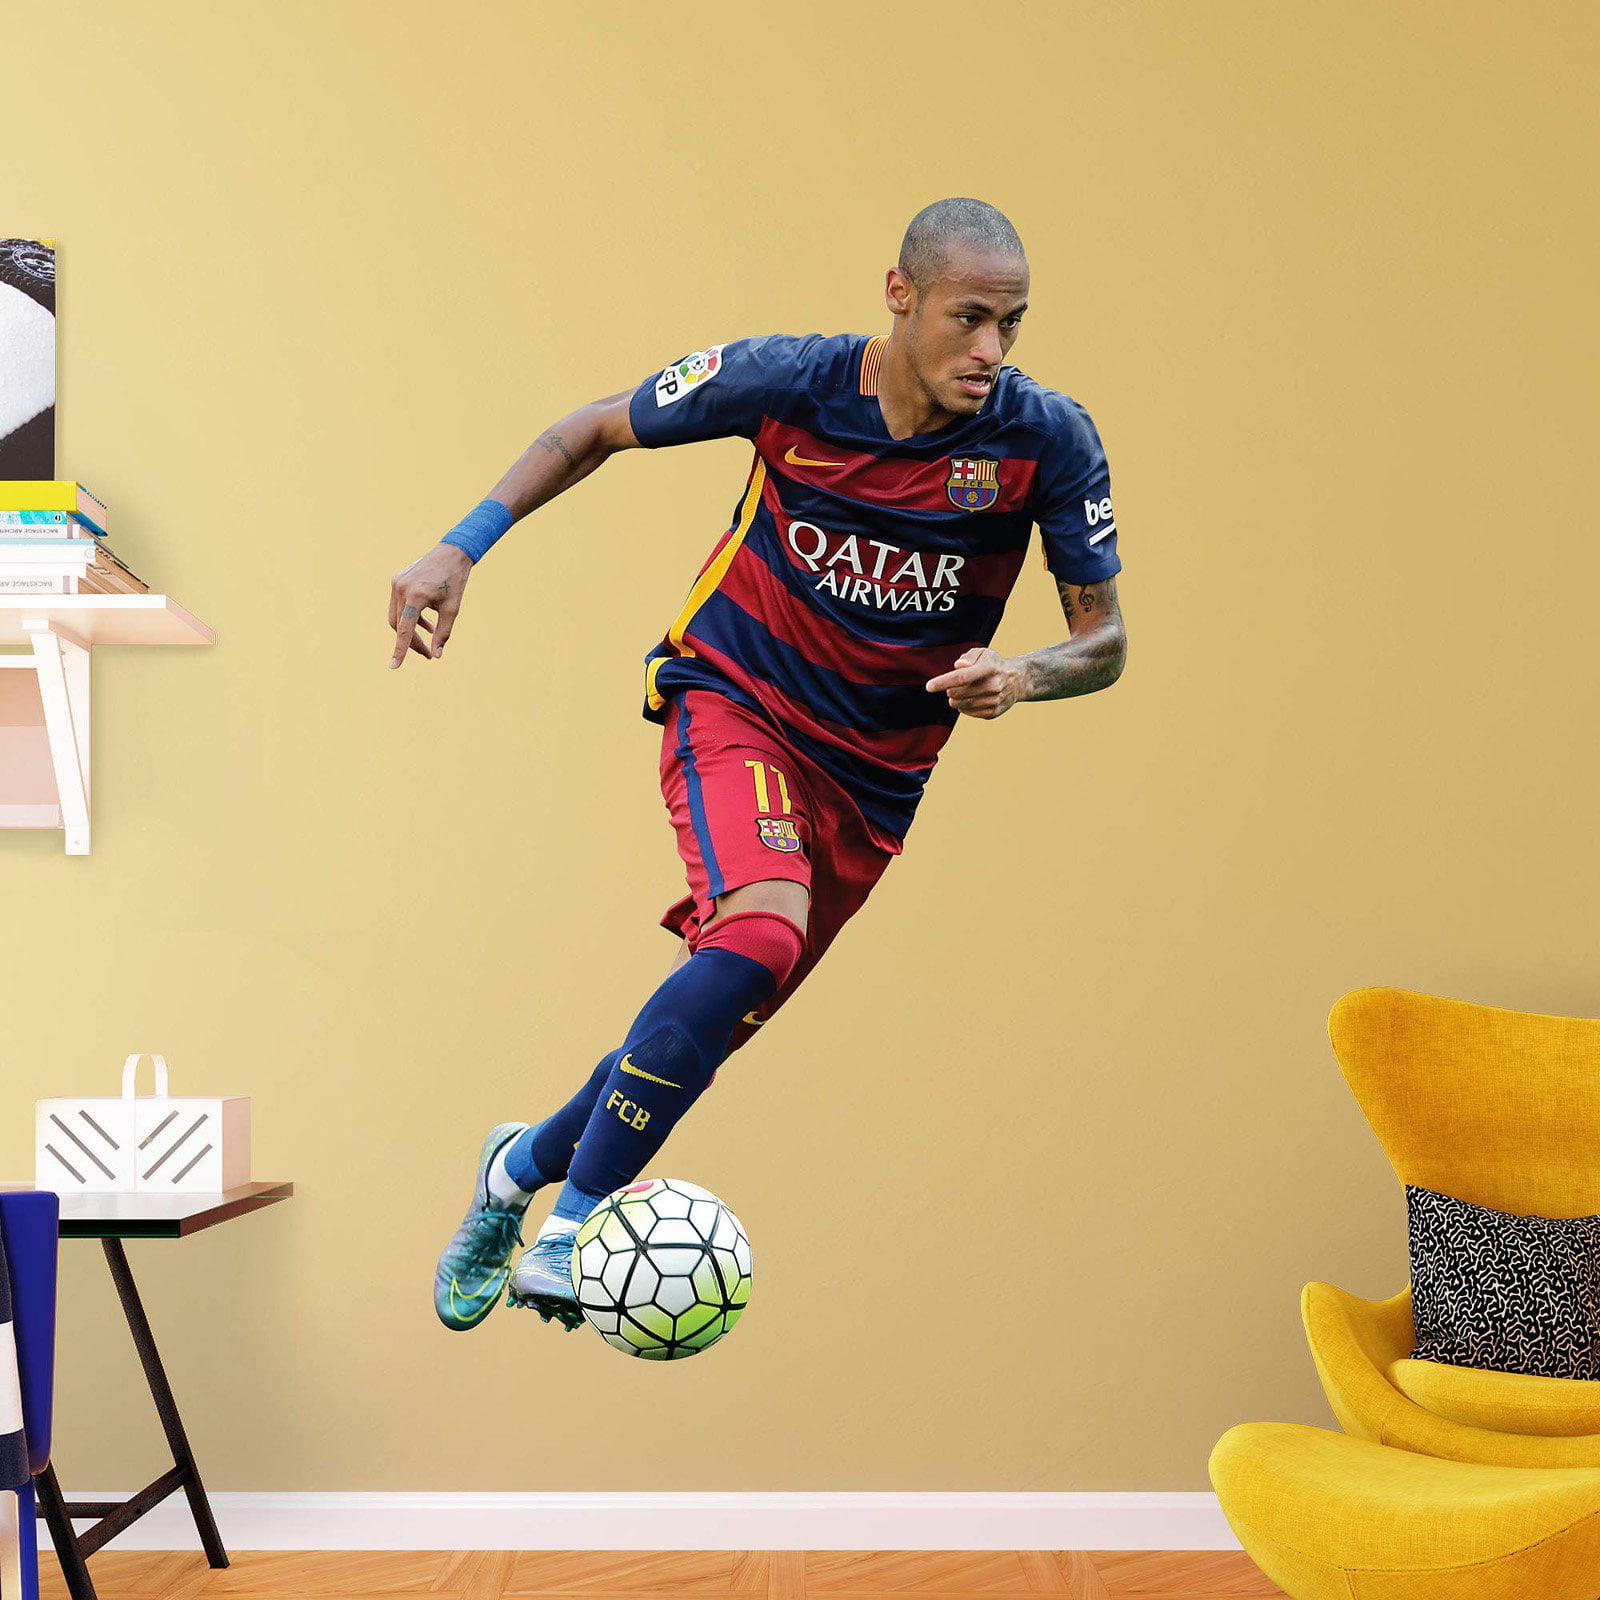 Fathead FC Barcelona Neymar Forward Wall Decal - Walmart.com